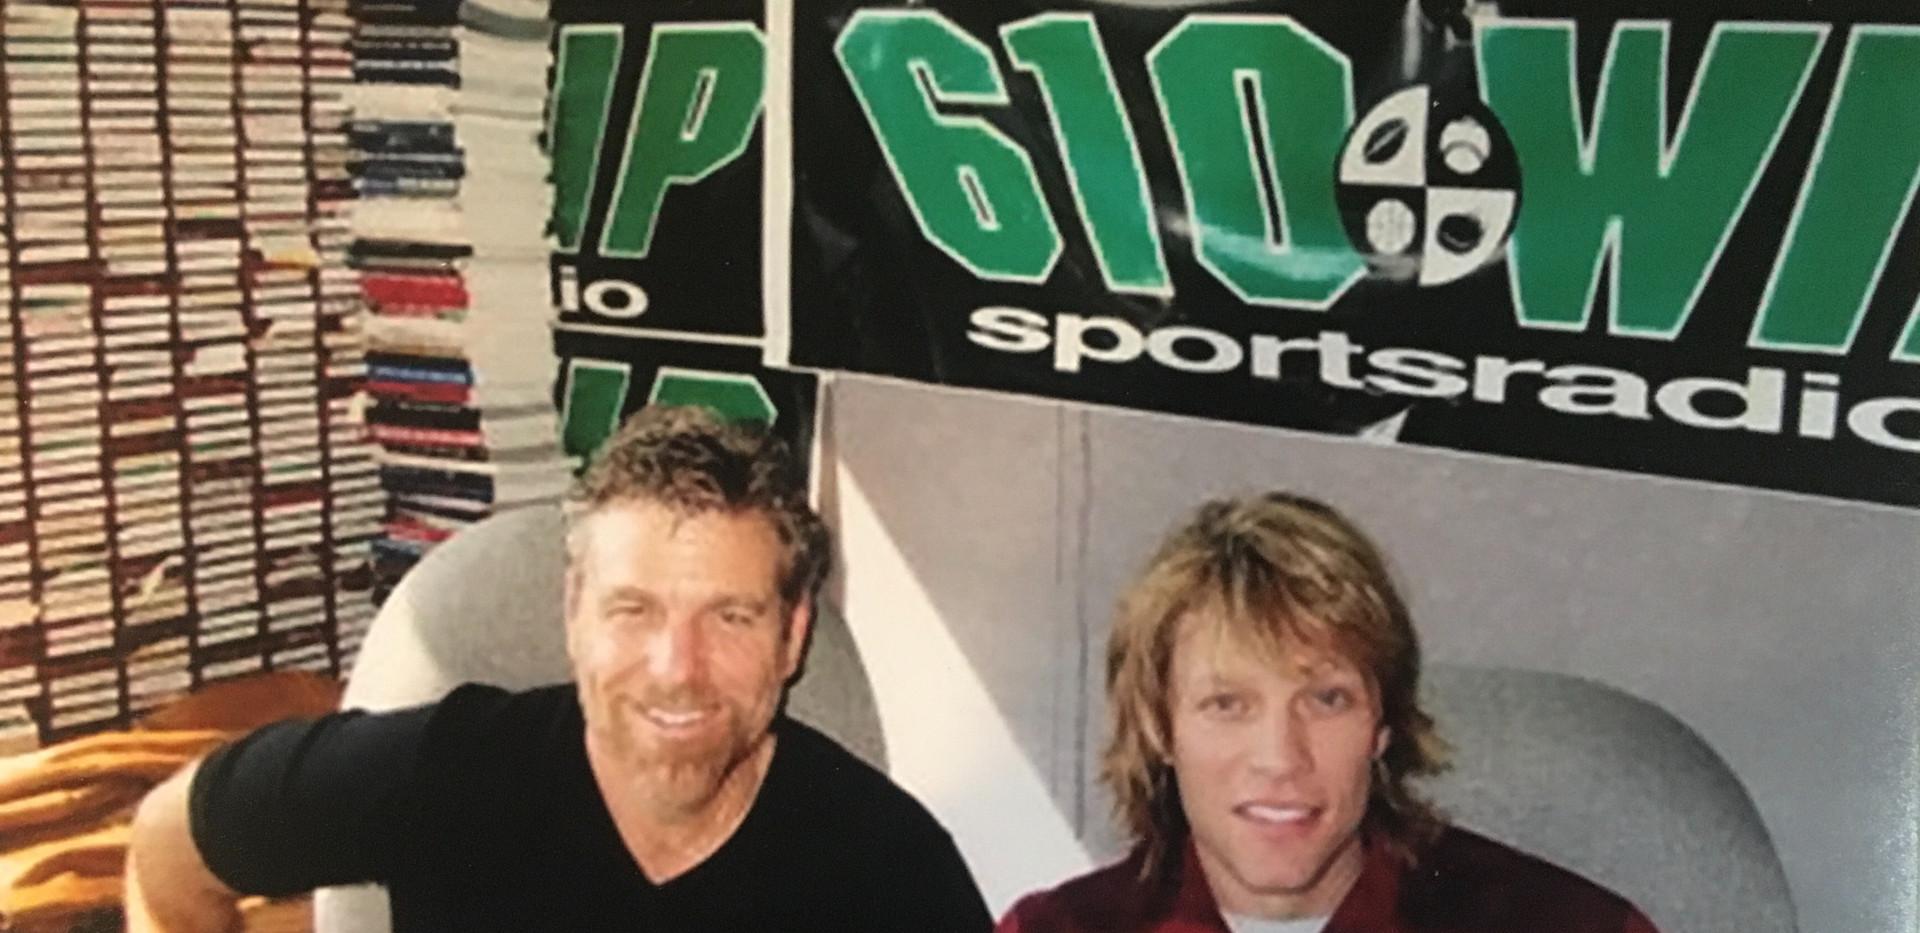 Howard and Jon Bon Jovi